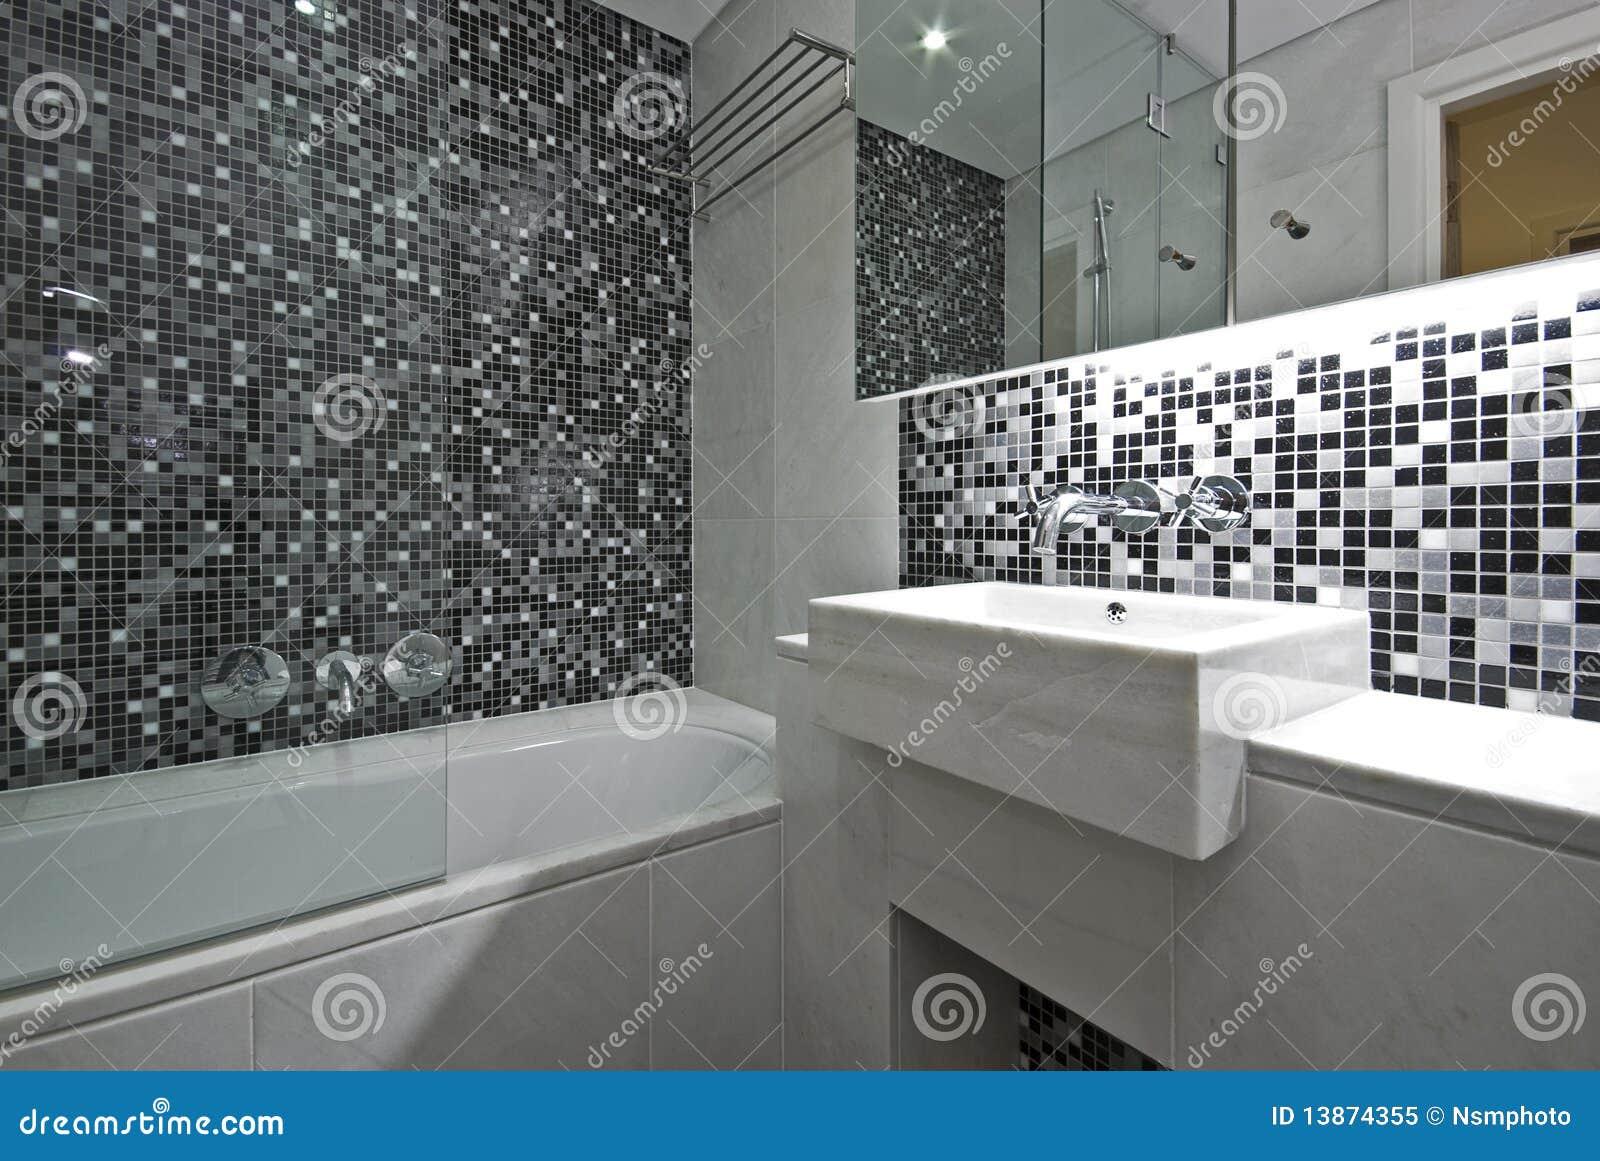 de Stock Royalty Free: Banheiro contemporâneo da en série em preto e  #758447 1300 960